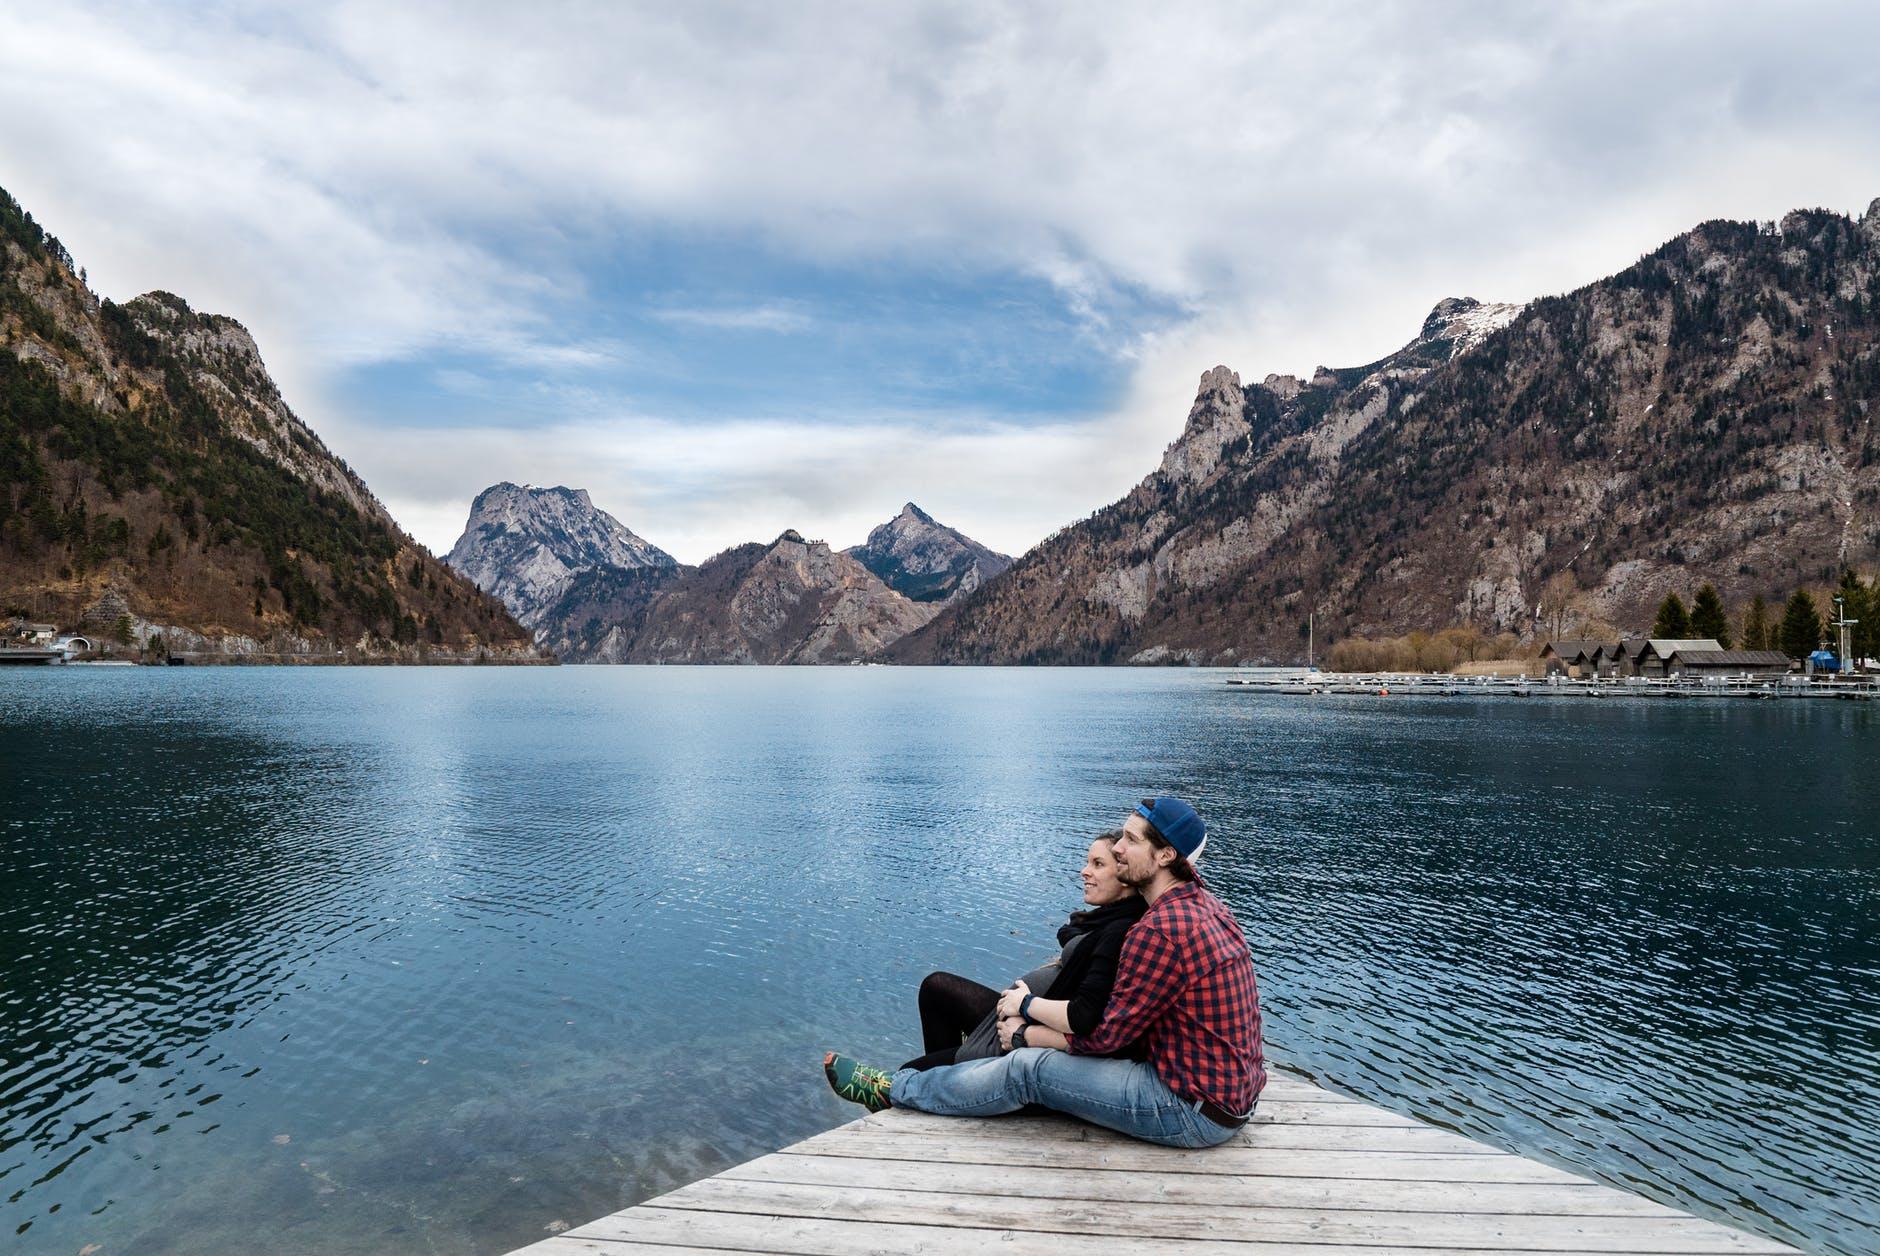 Para nad jeziorem z widokiem na góry - terapia par na Warszawa